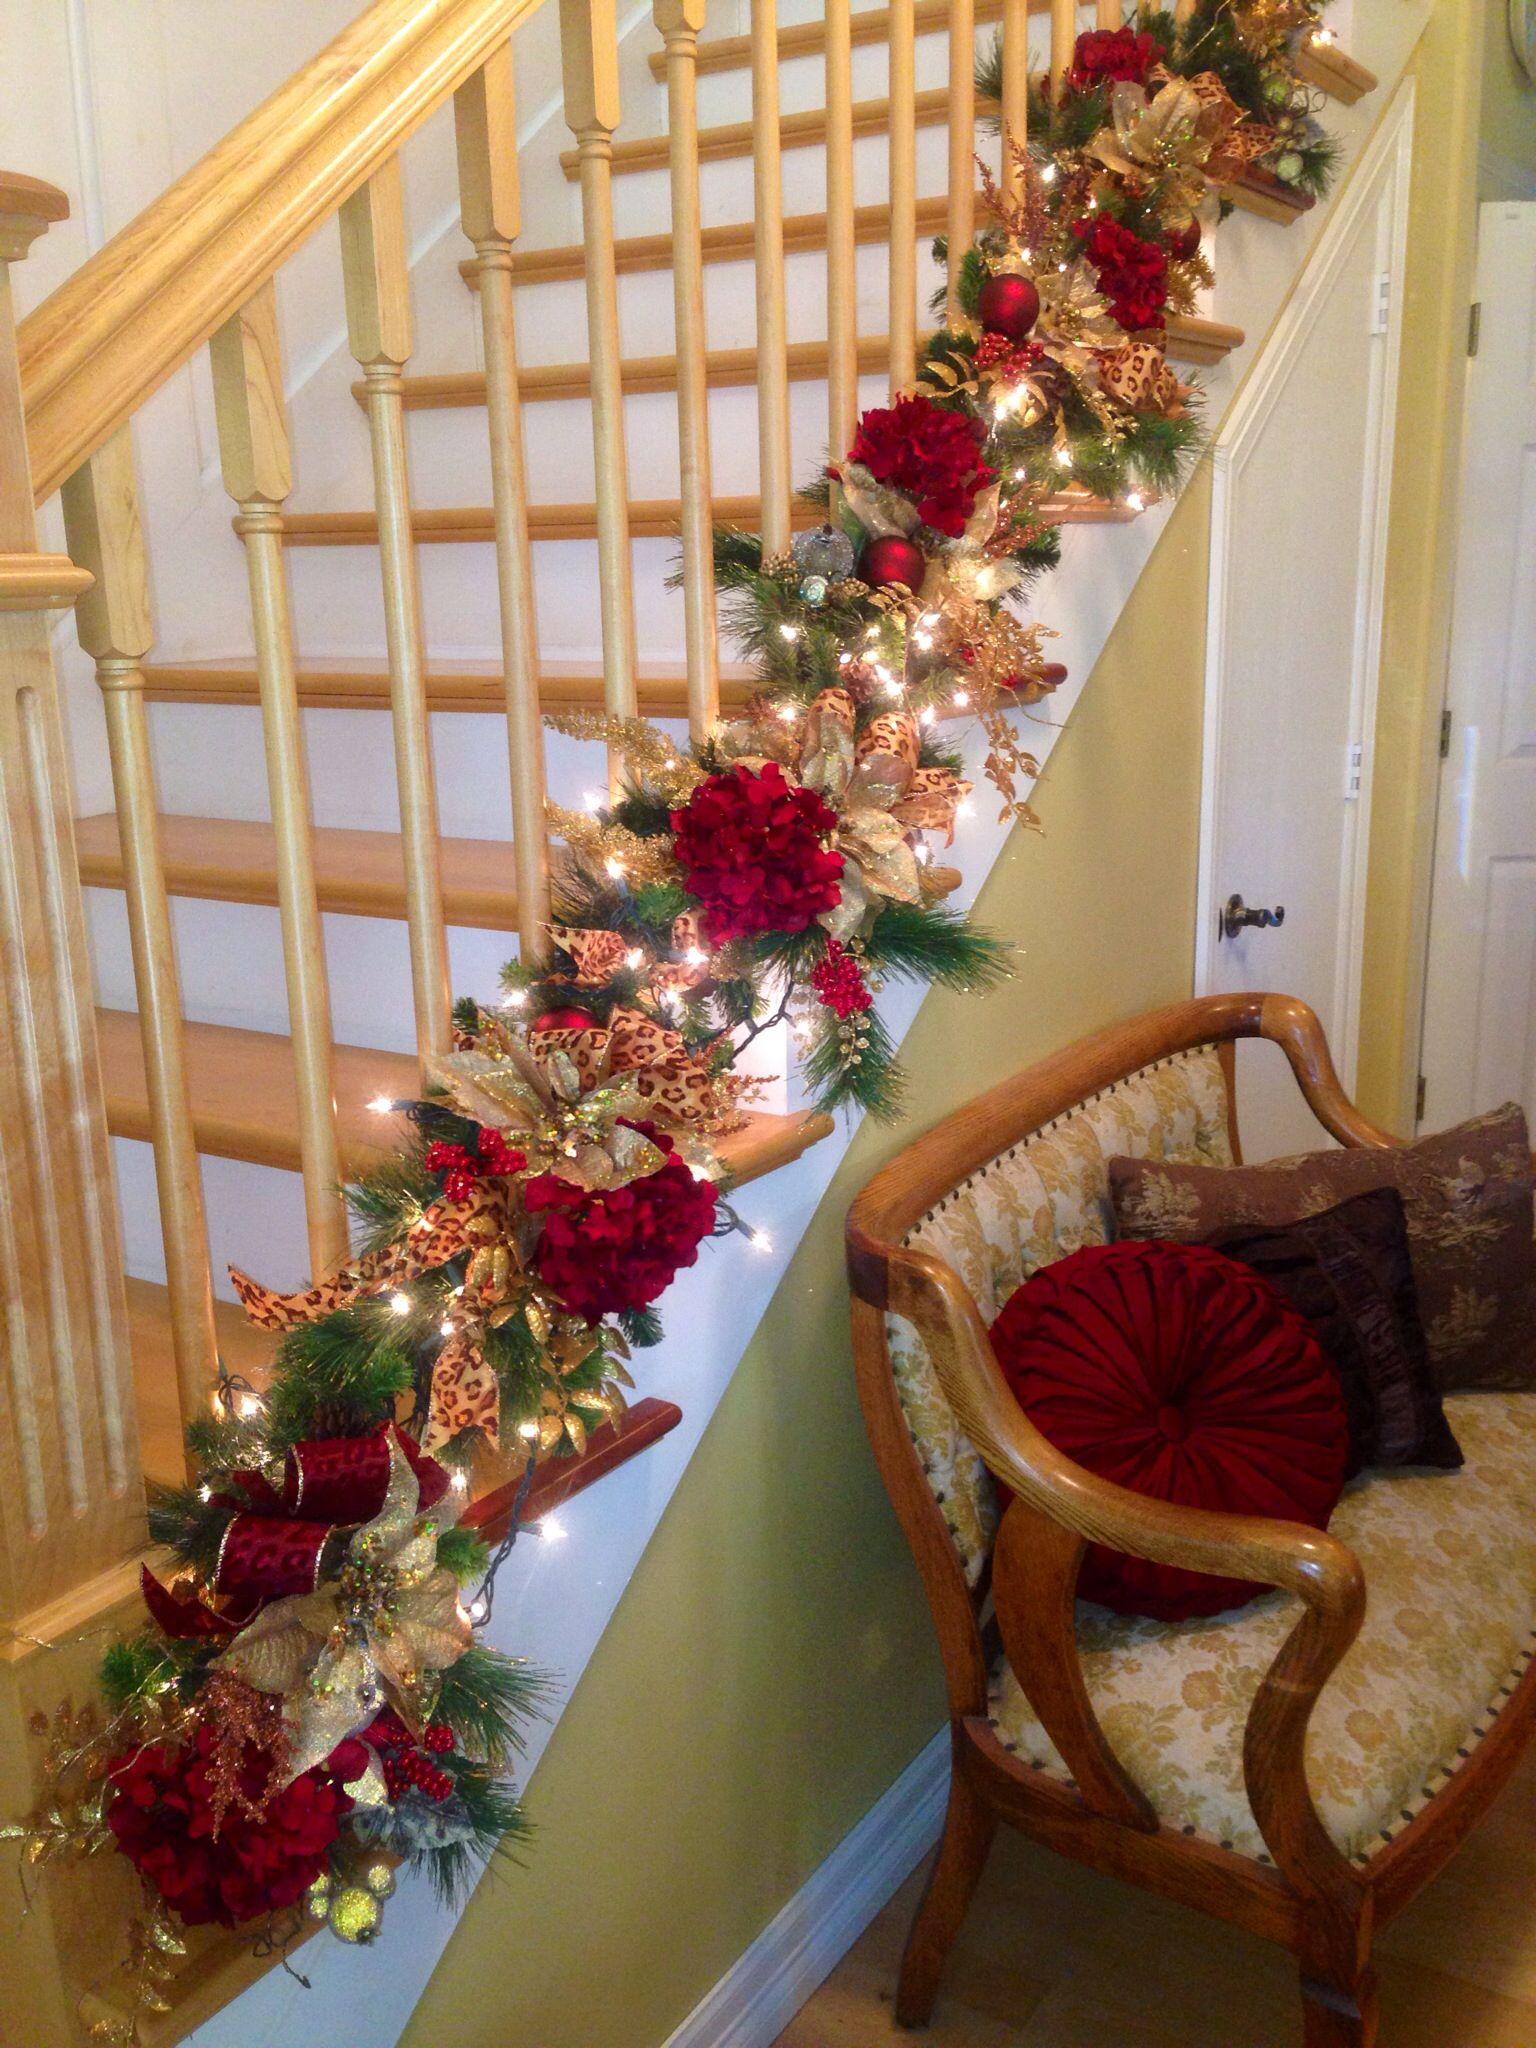 Decoracion de escaleras de navidad decoraci n de navidad for Decoracion de escaleras